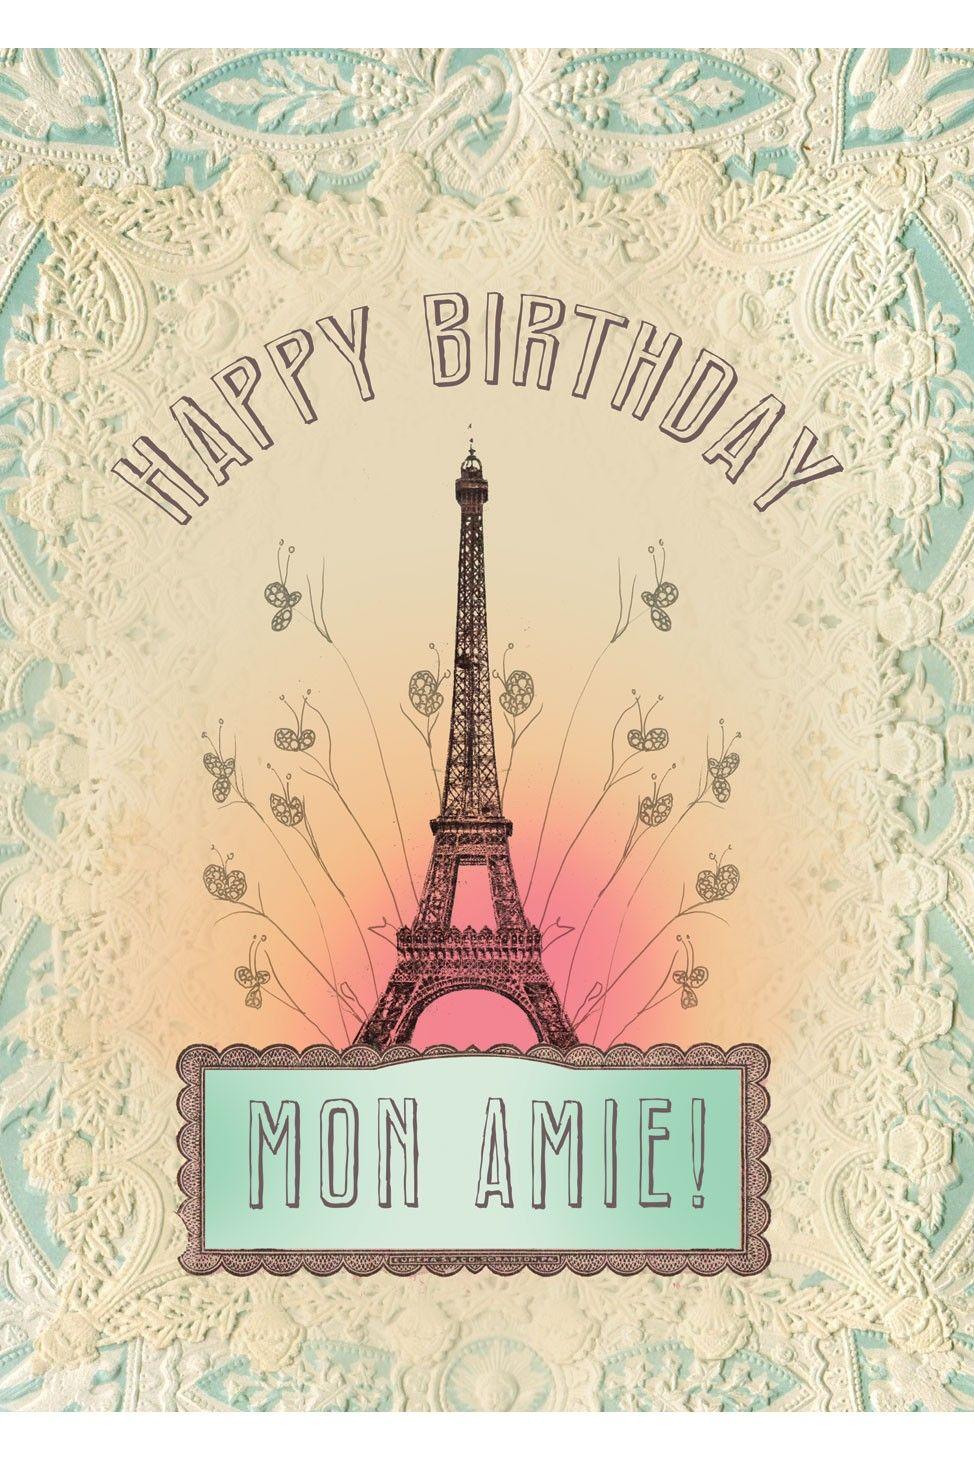 Happy birthday mon amie cards pinterest happy birthday happy birthday mon amie kristyandbryce Gallery